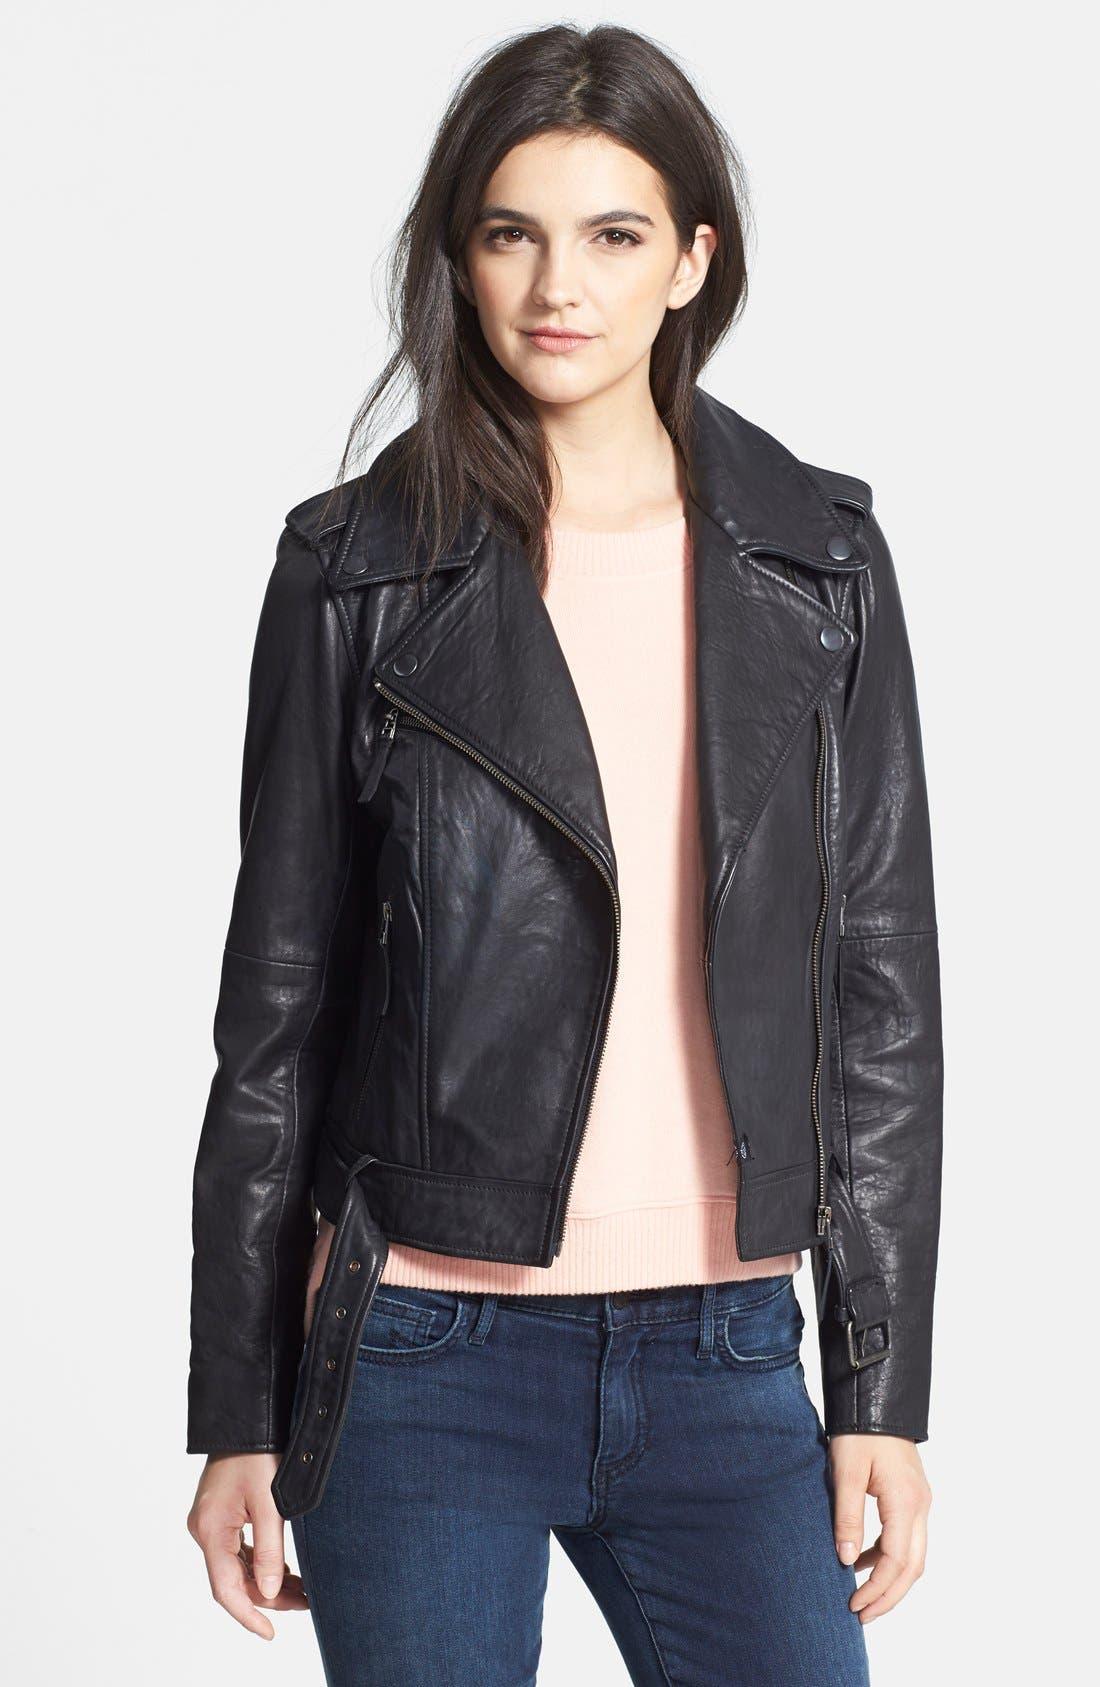 Alternate Image 1 Selected - Treasure&Bond Leather Jacket